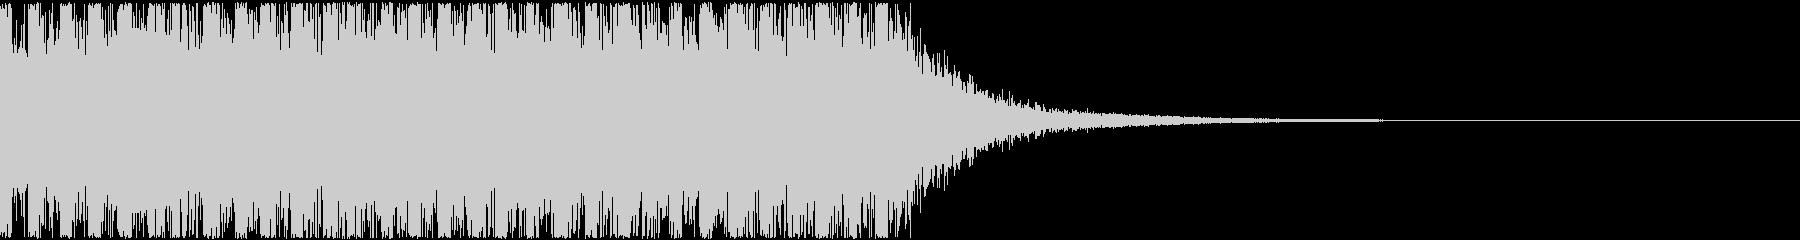 乾いた軽い音の発砲音(連写)の未再生の波形